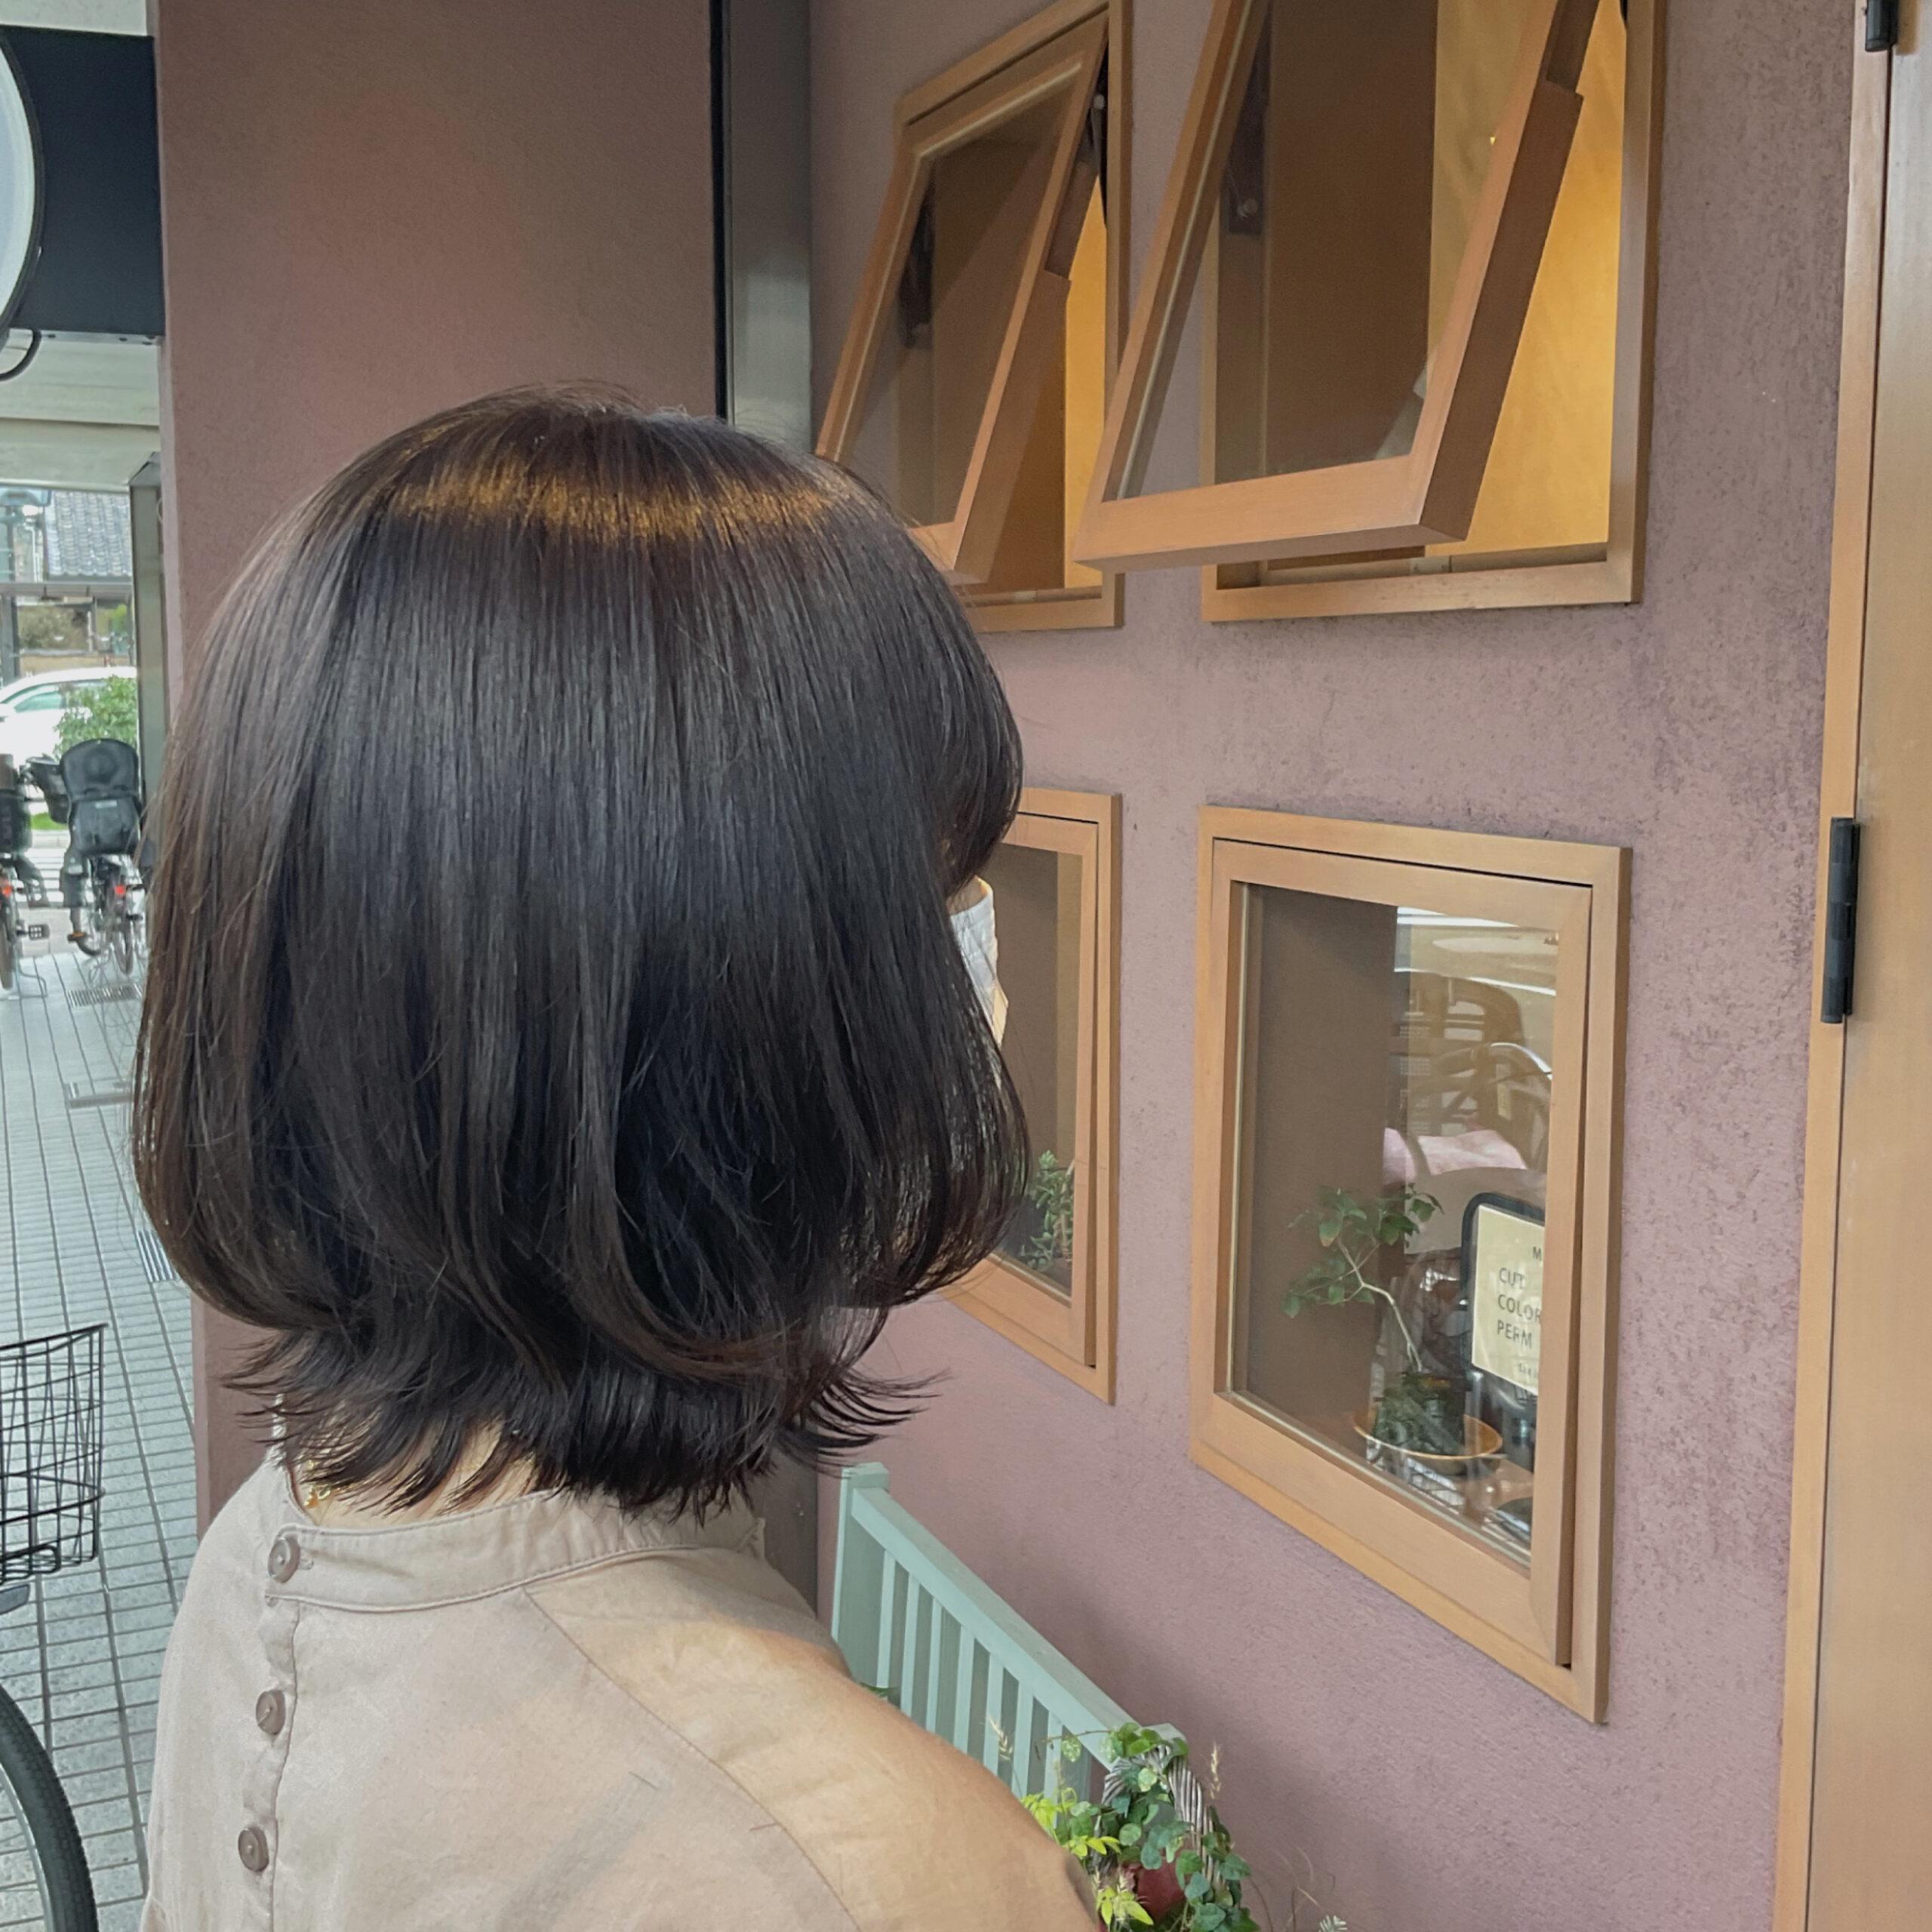 お客様スタイル ボブレイヤー〜hair+malun ヘアプラスマルン 土呂美容室〜